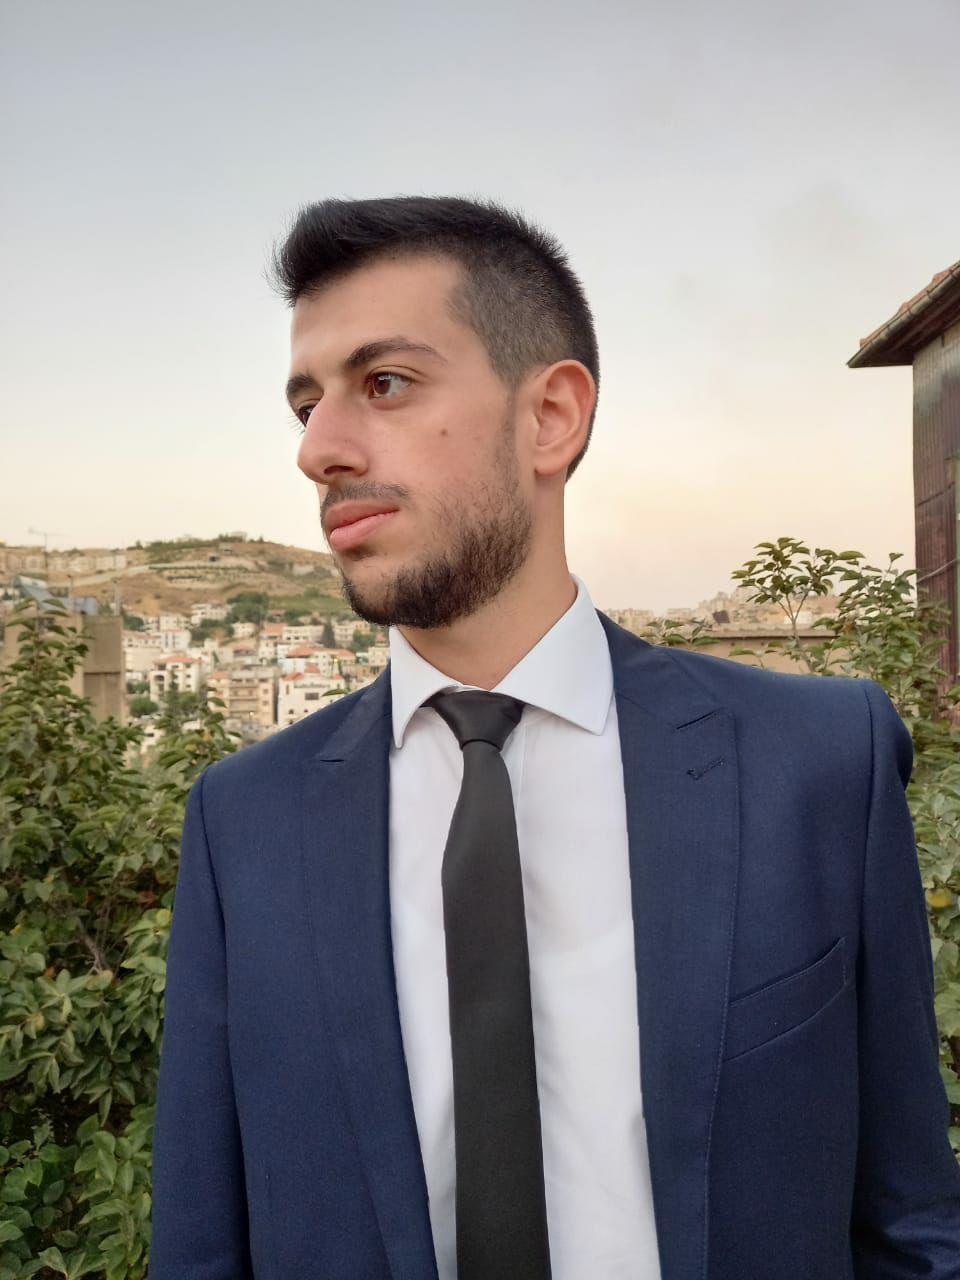 Elias Zoghbi